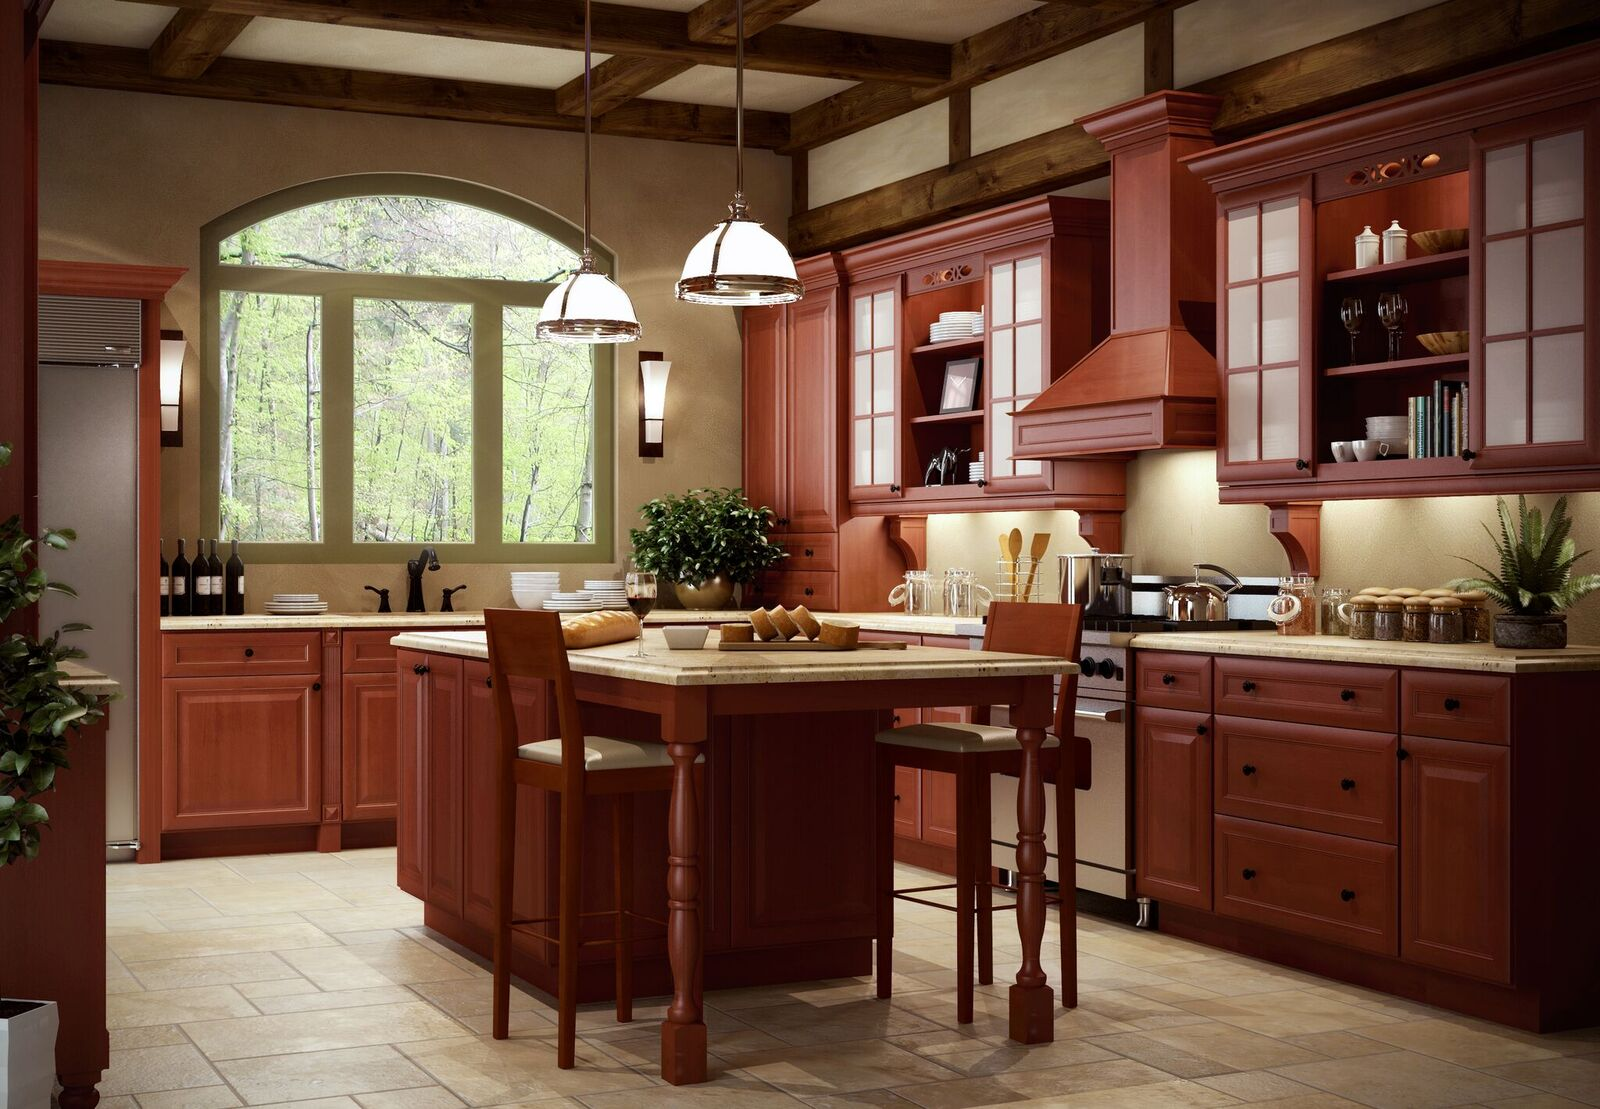 Free estimate kitchen cabinets - Classic Cinnamon 5day Cabinets All Wood Kitchen Cabinets Sales Installation Granite